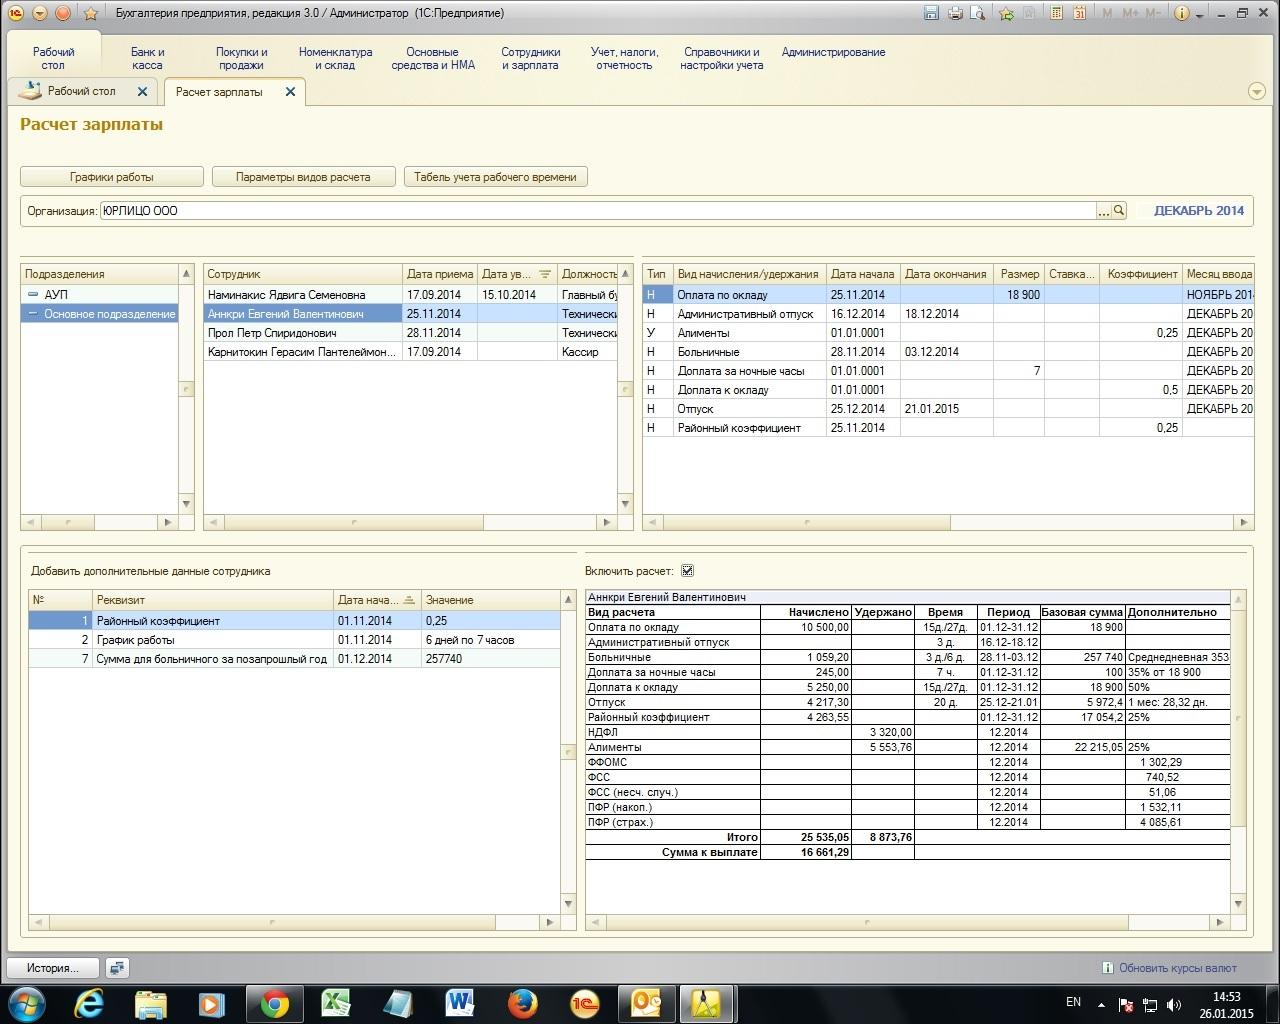 Обновление конфигурации 1с бухгалтерияращет заработной платы файл обновления отчетности в 1с